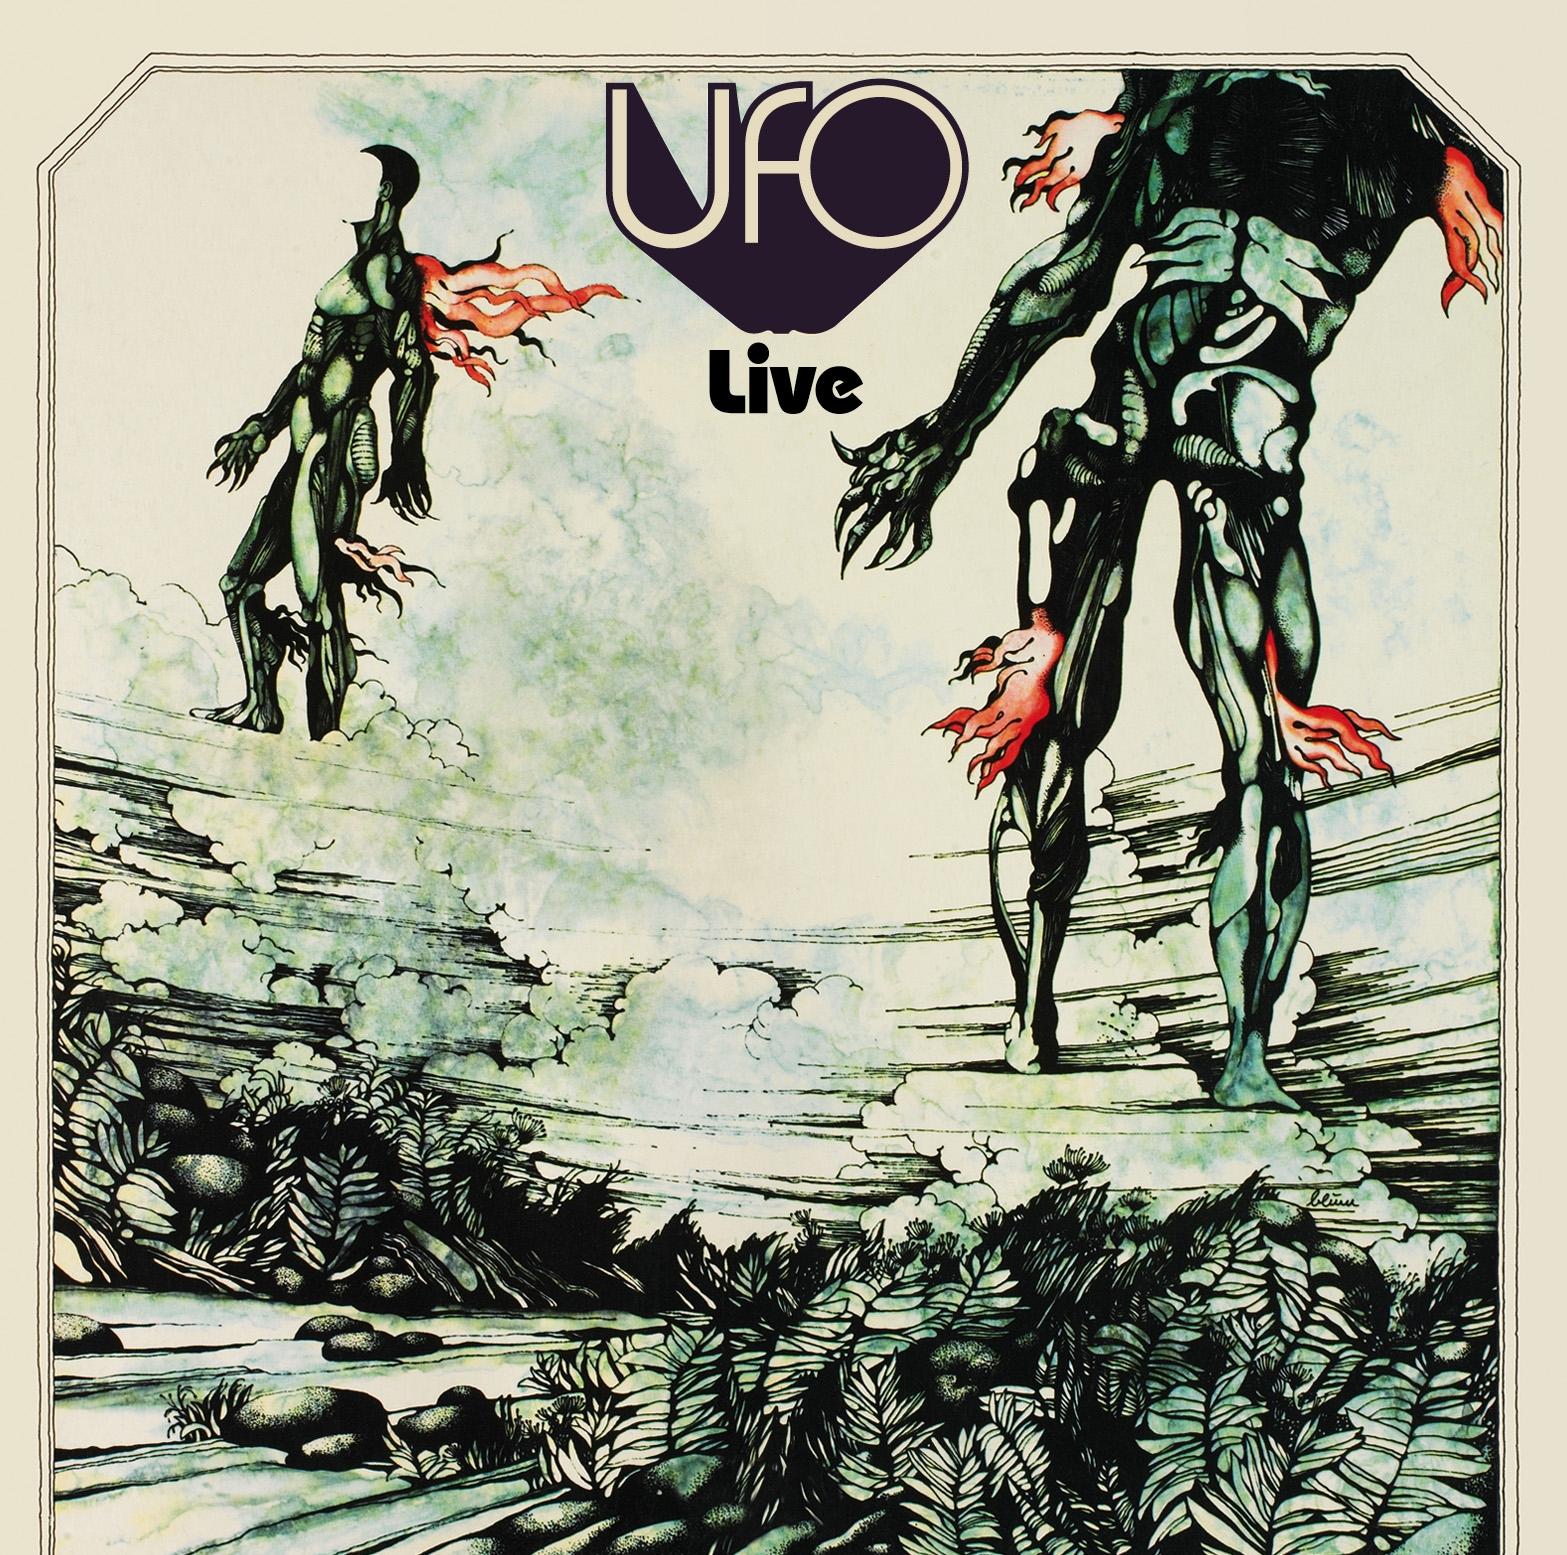 UFO – Live (Vinyl LP)